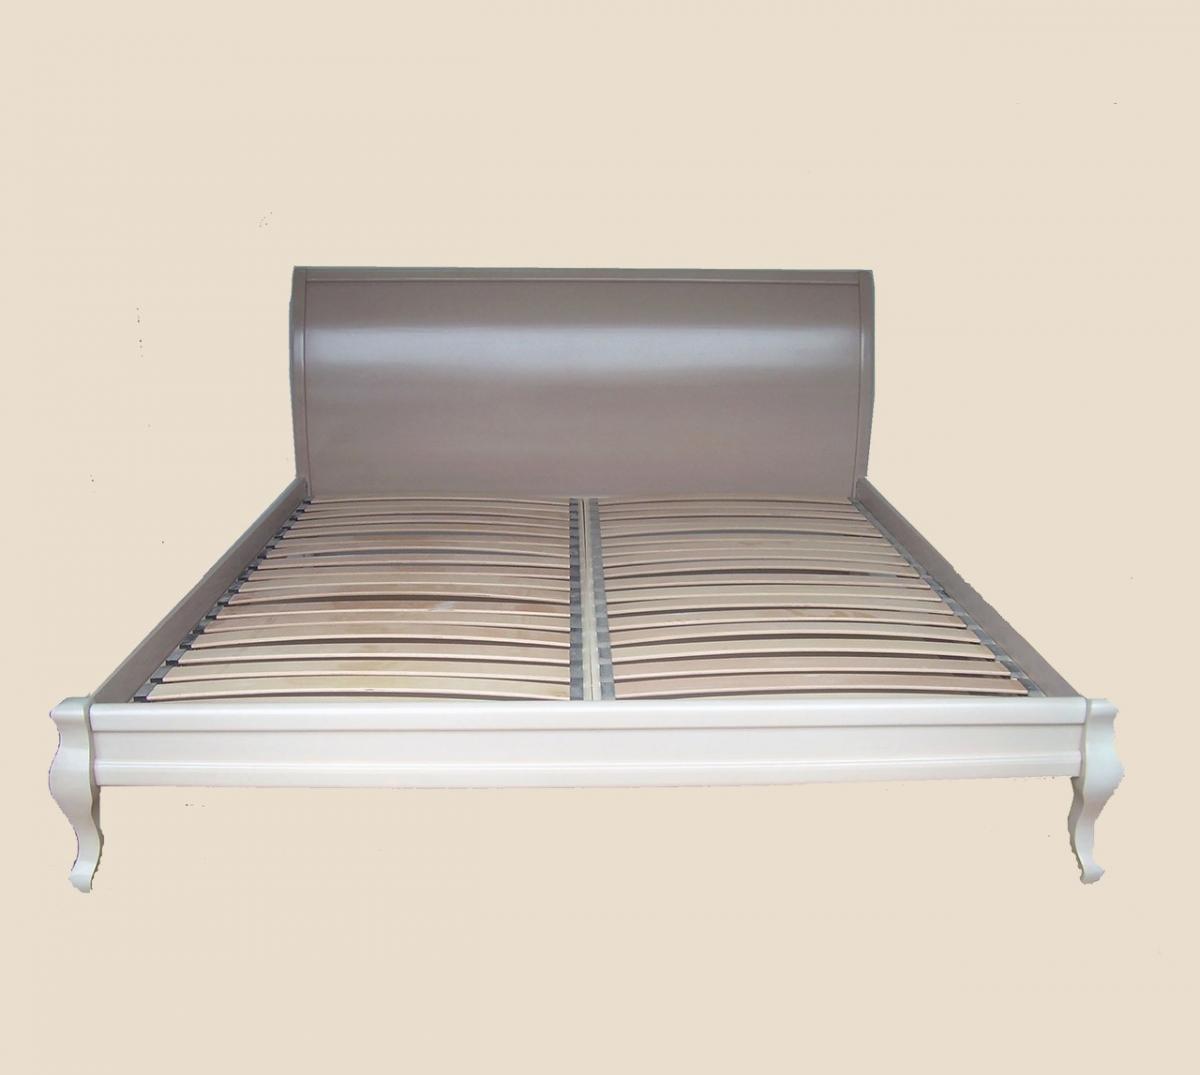 Кровать 90х200 (R-500) Диарсо РКБ